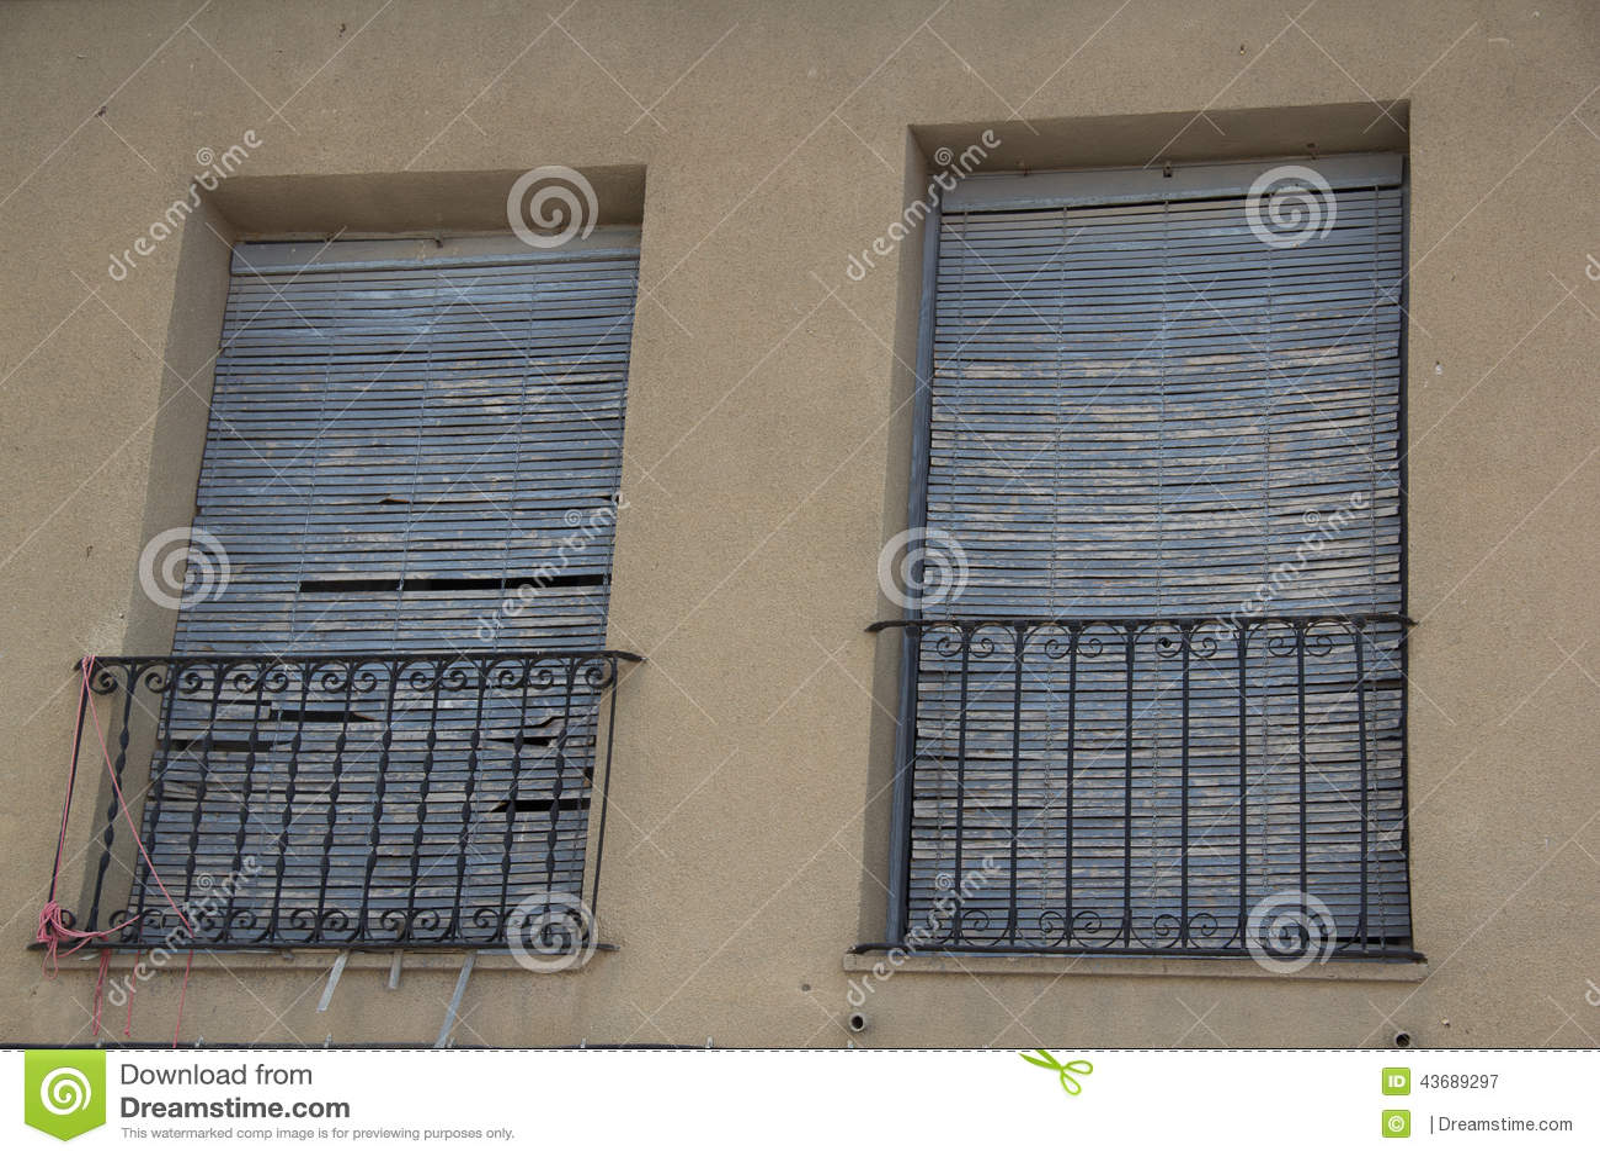 Puertas y ventanas viejas 22 stock photo image 43689297 for Puertas para fachadas